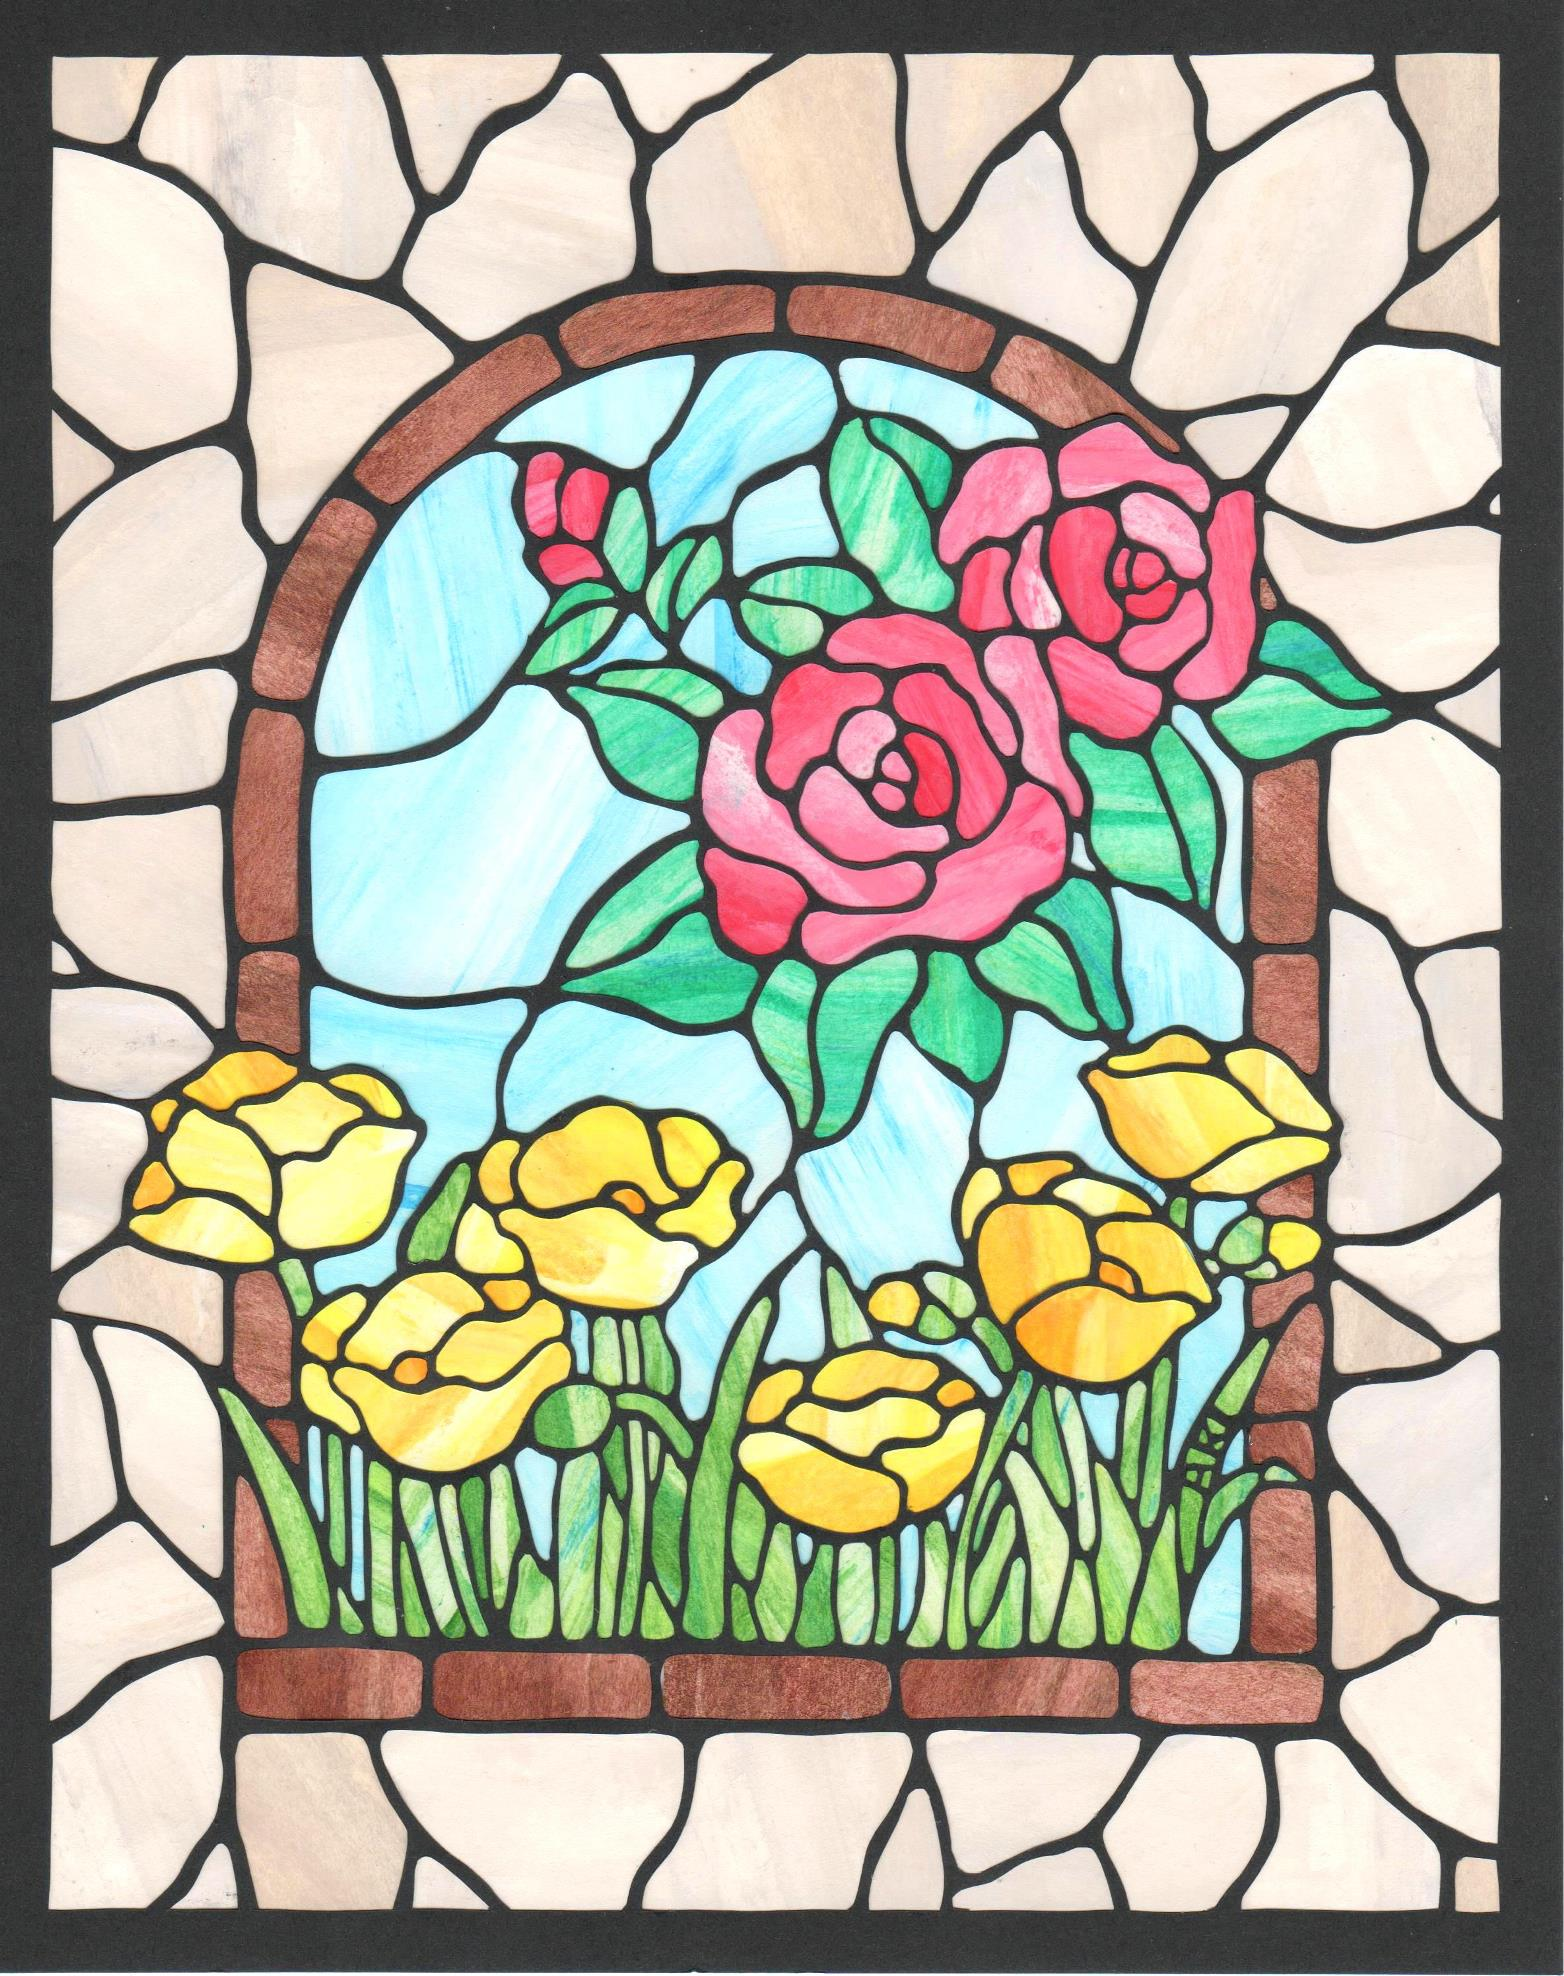 「ステンドグラスのお花」 25.4cm x 20.2cm